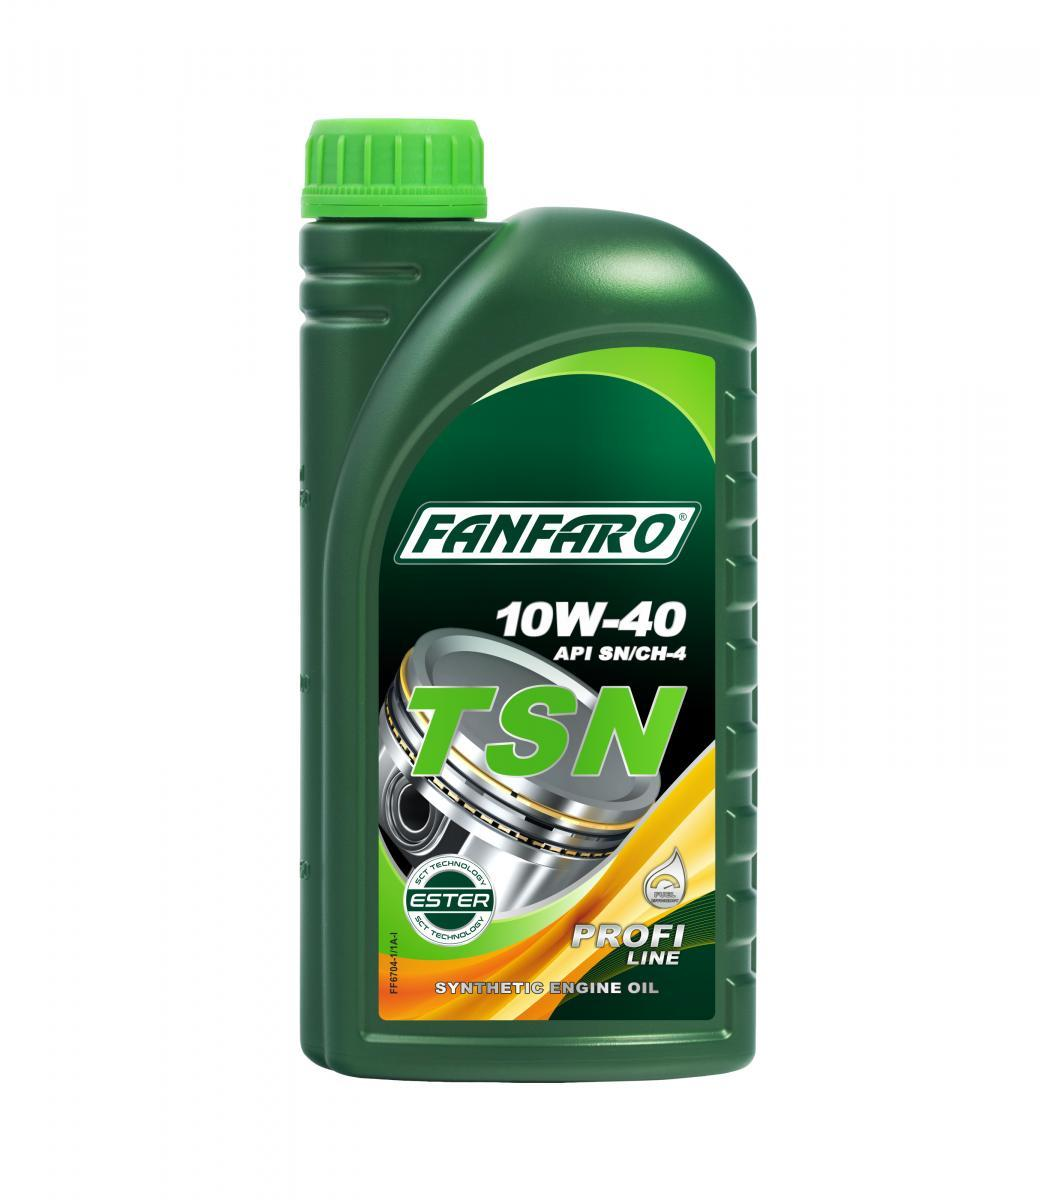 FANFARO Olio motore FF6704-1